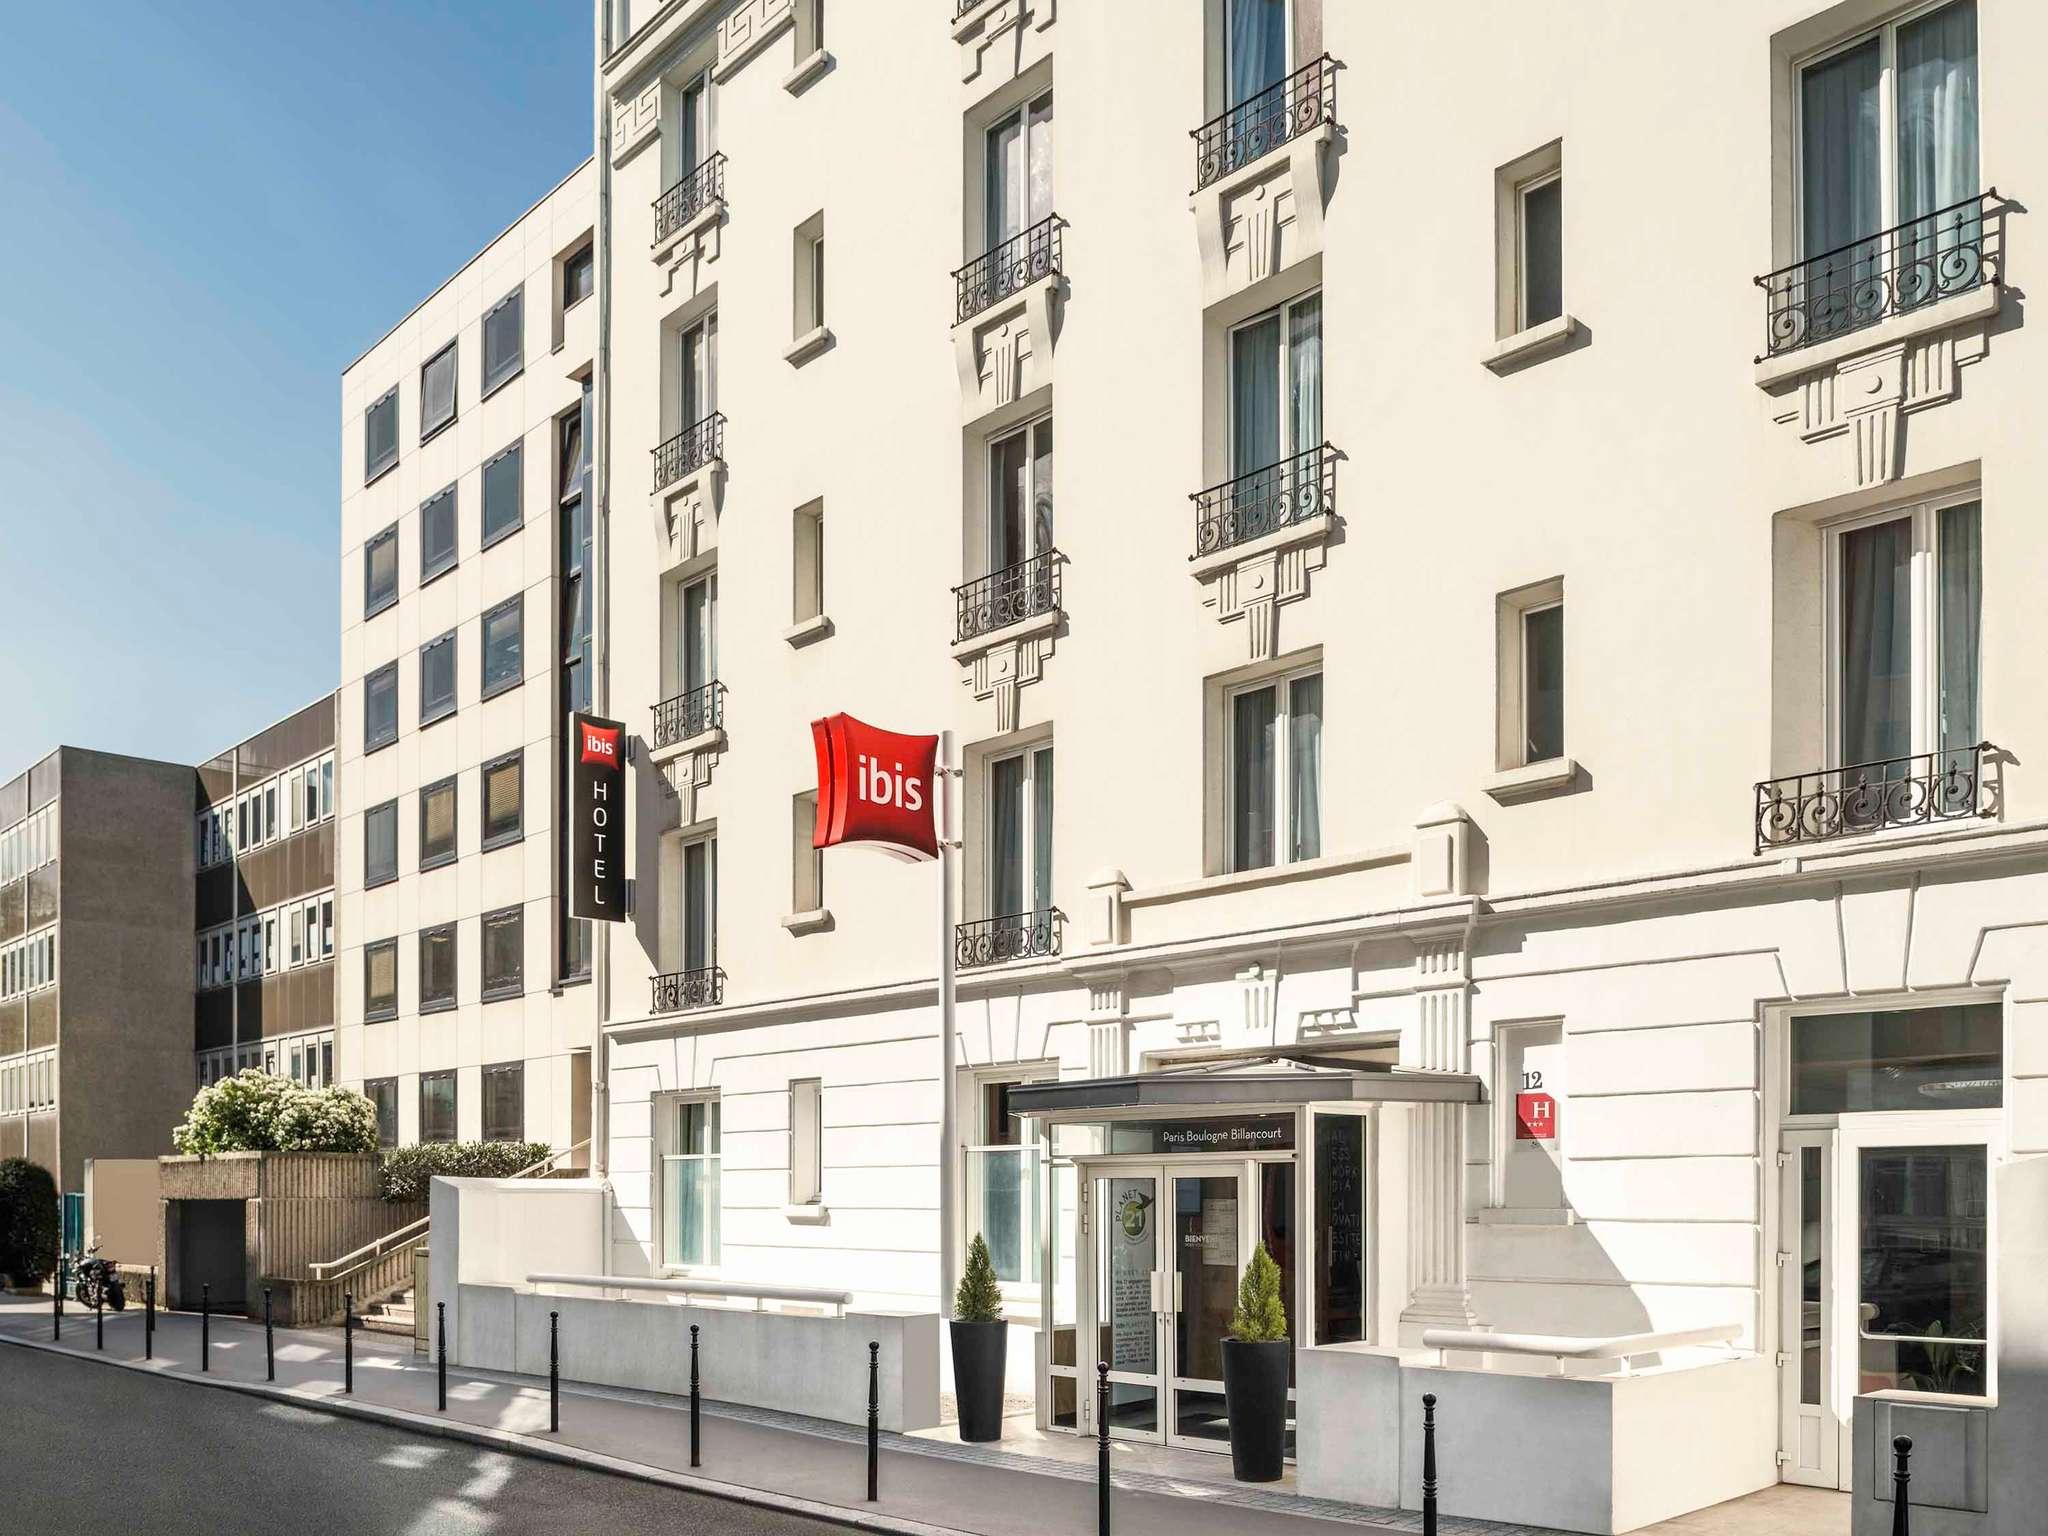 酒店 – 宜必思巴黎布伦比扬库尔酒店